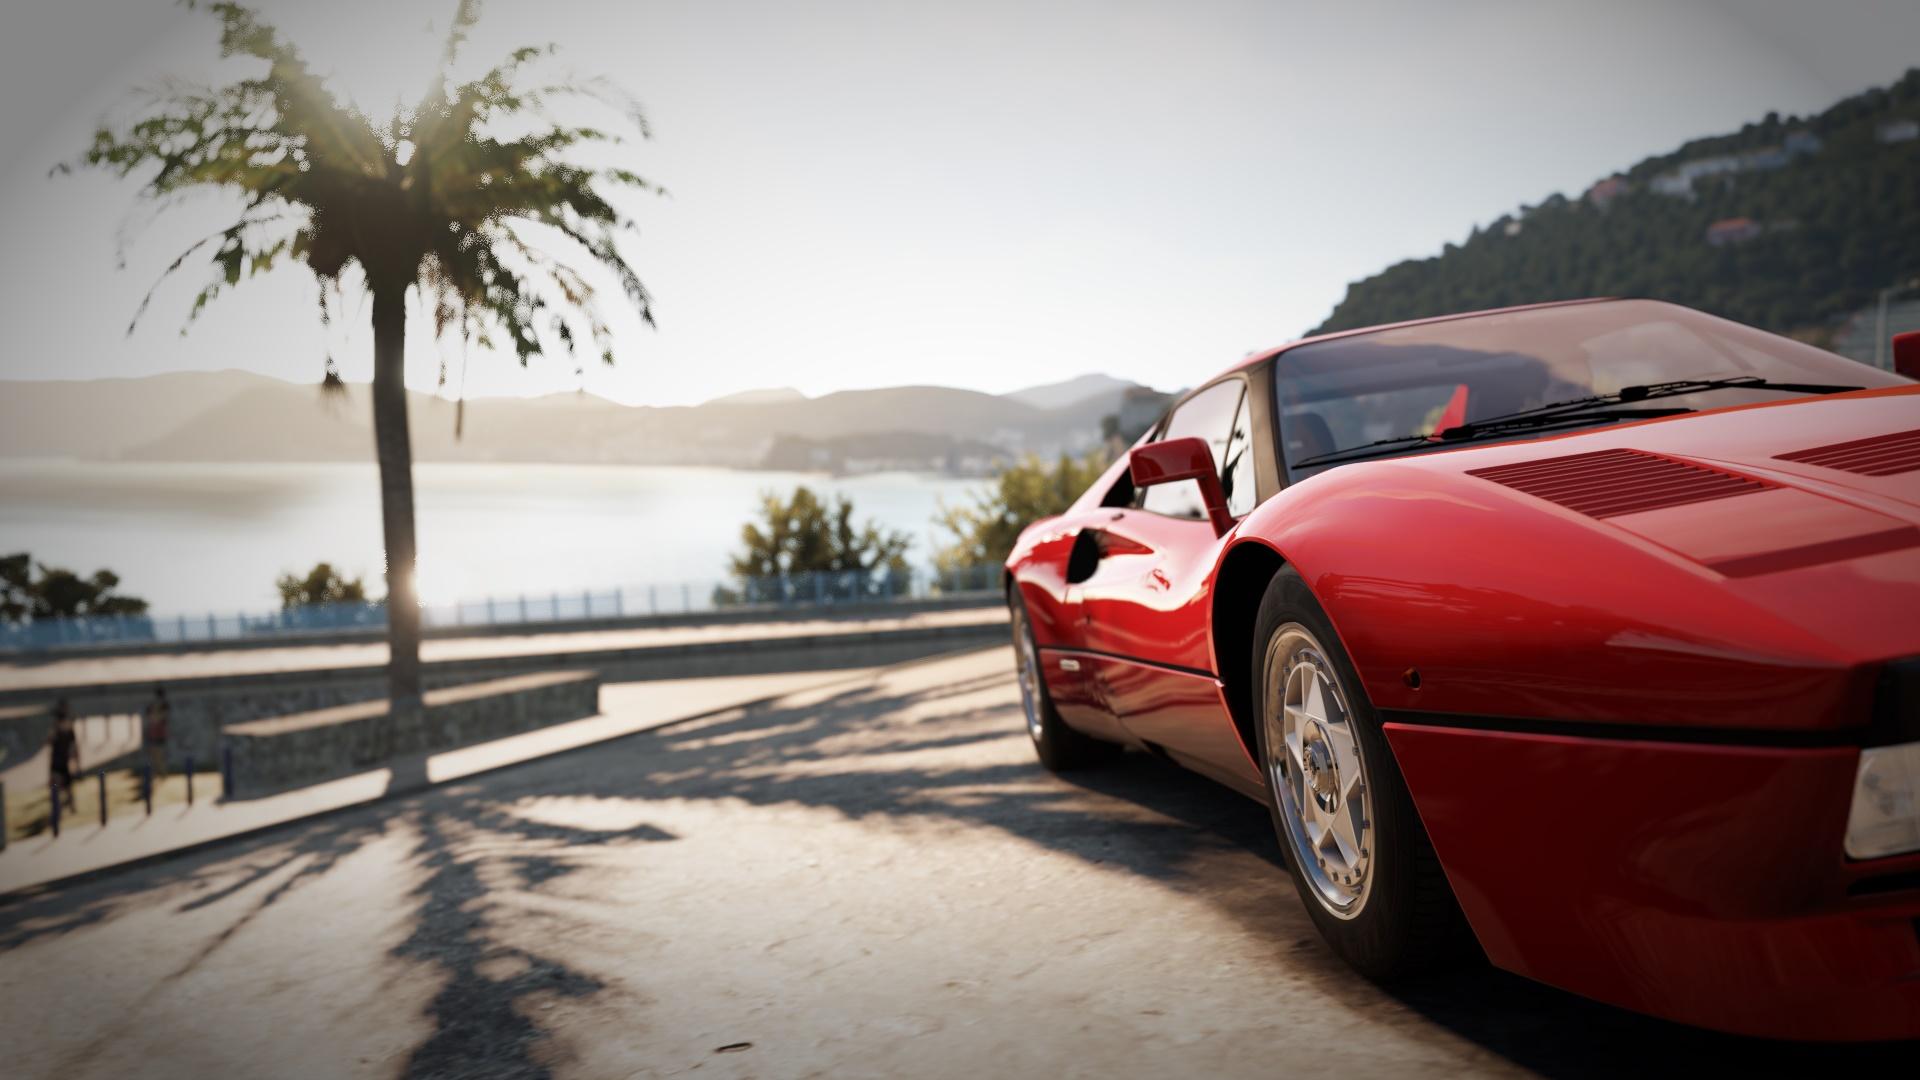 Ferrari Enzo, Ferrari F40, Ferrari F50, Ferrari 288 Gto, Car, Ferrari